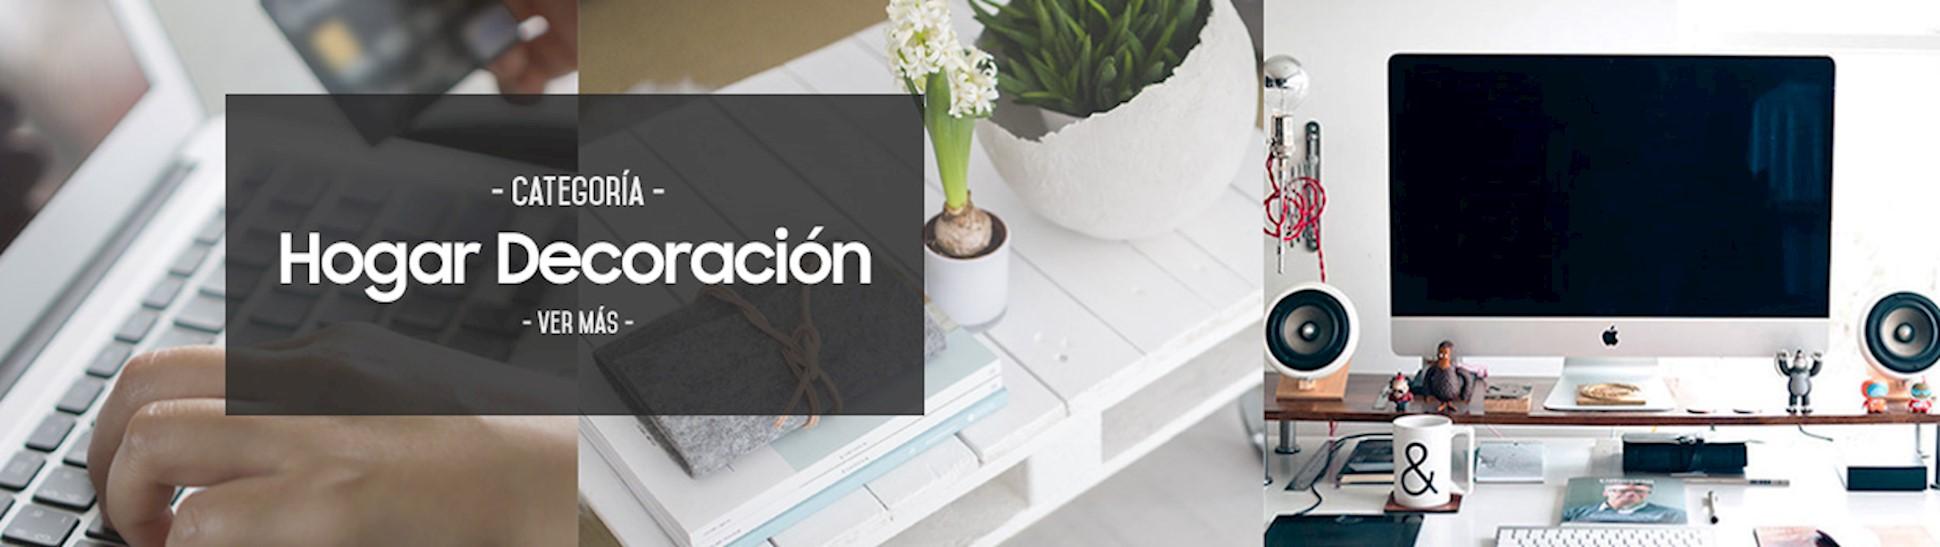 1240x350-hogar-decoracion.jpg